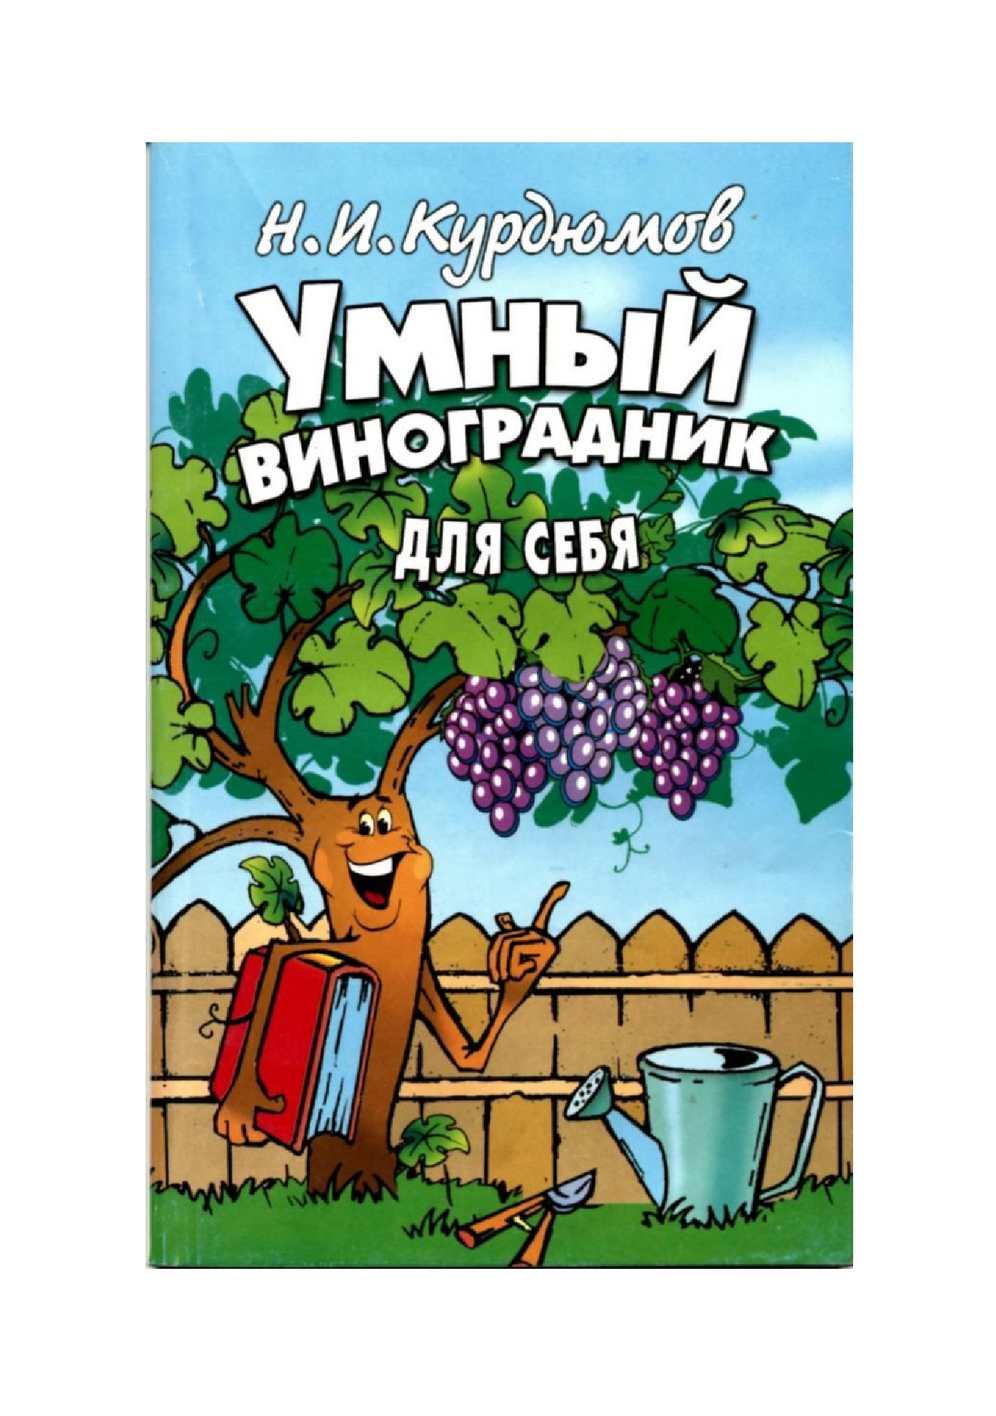 Скачать бесплатно книгу умный виноградник для всех